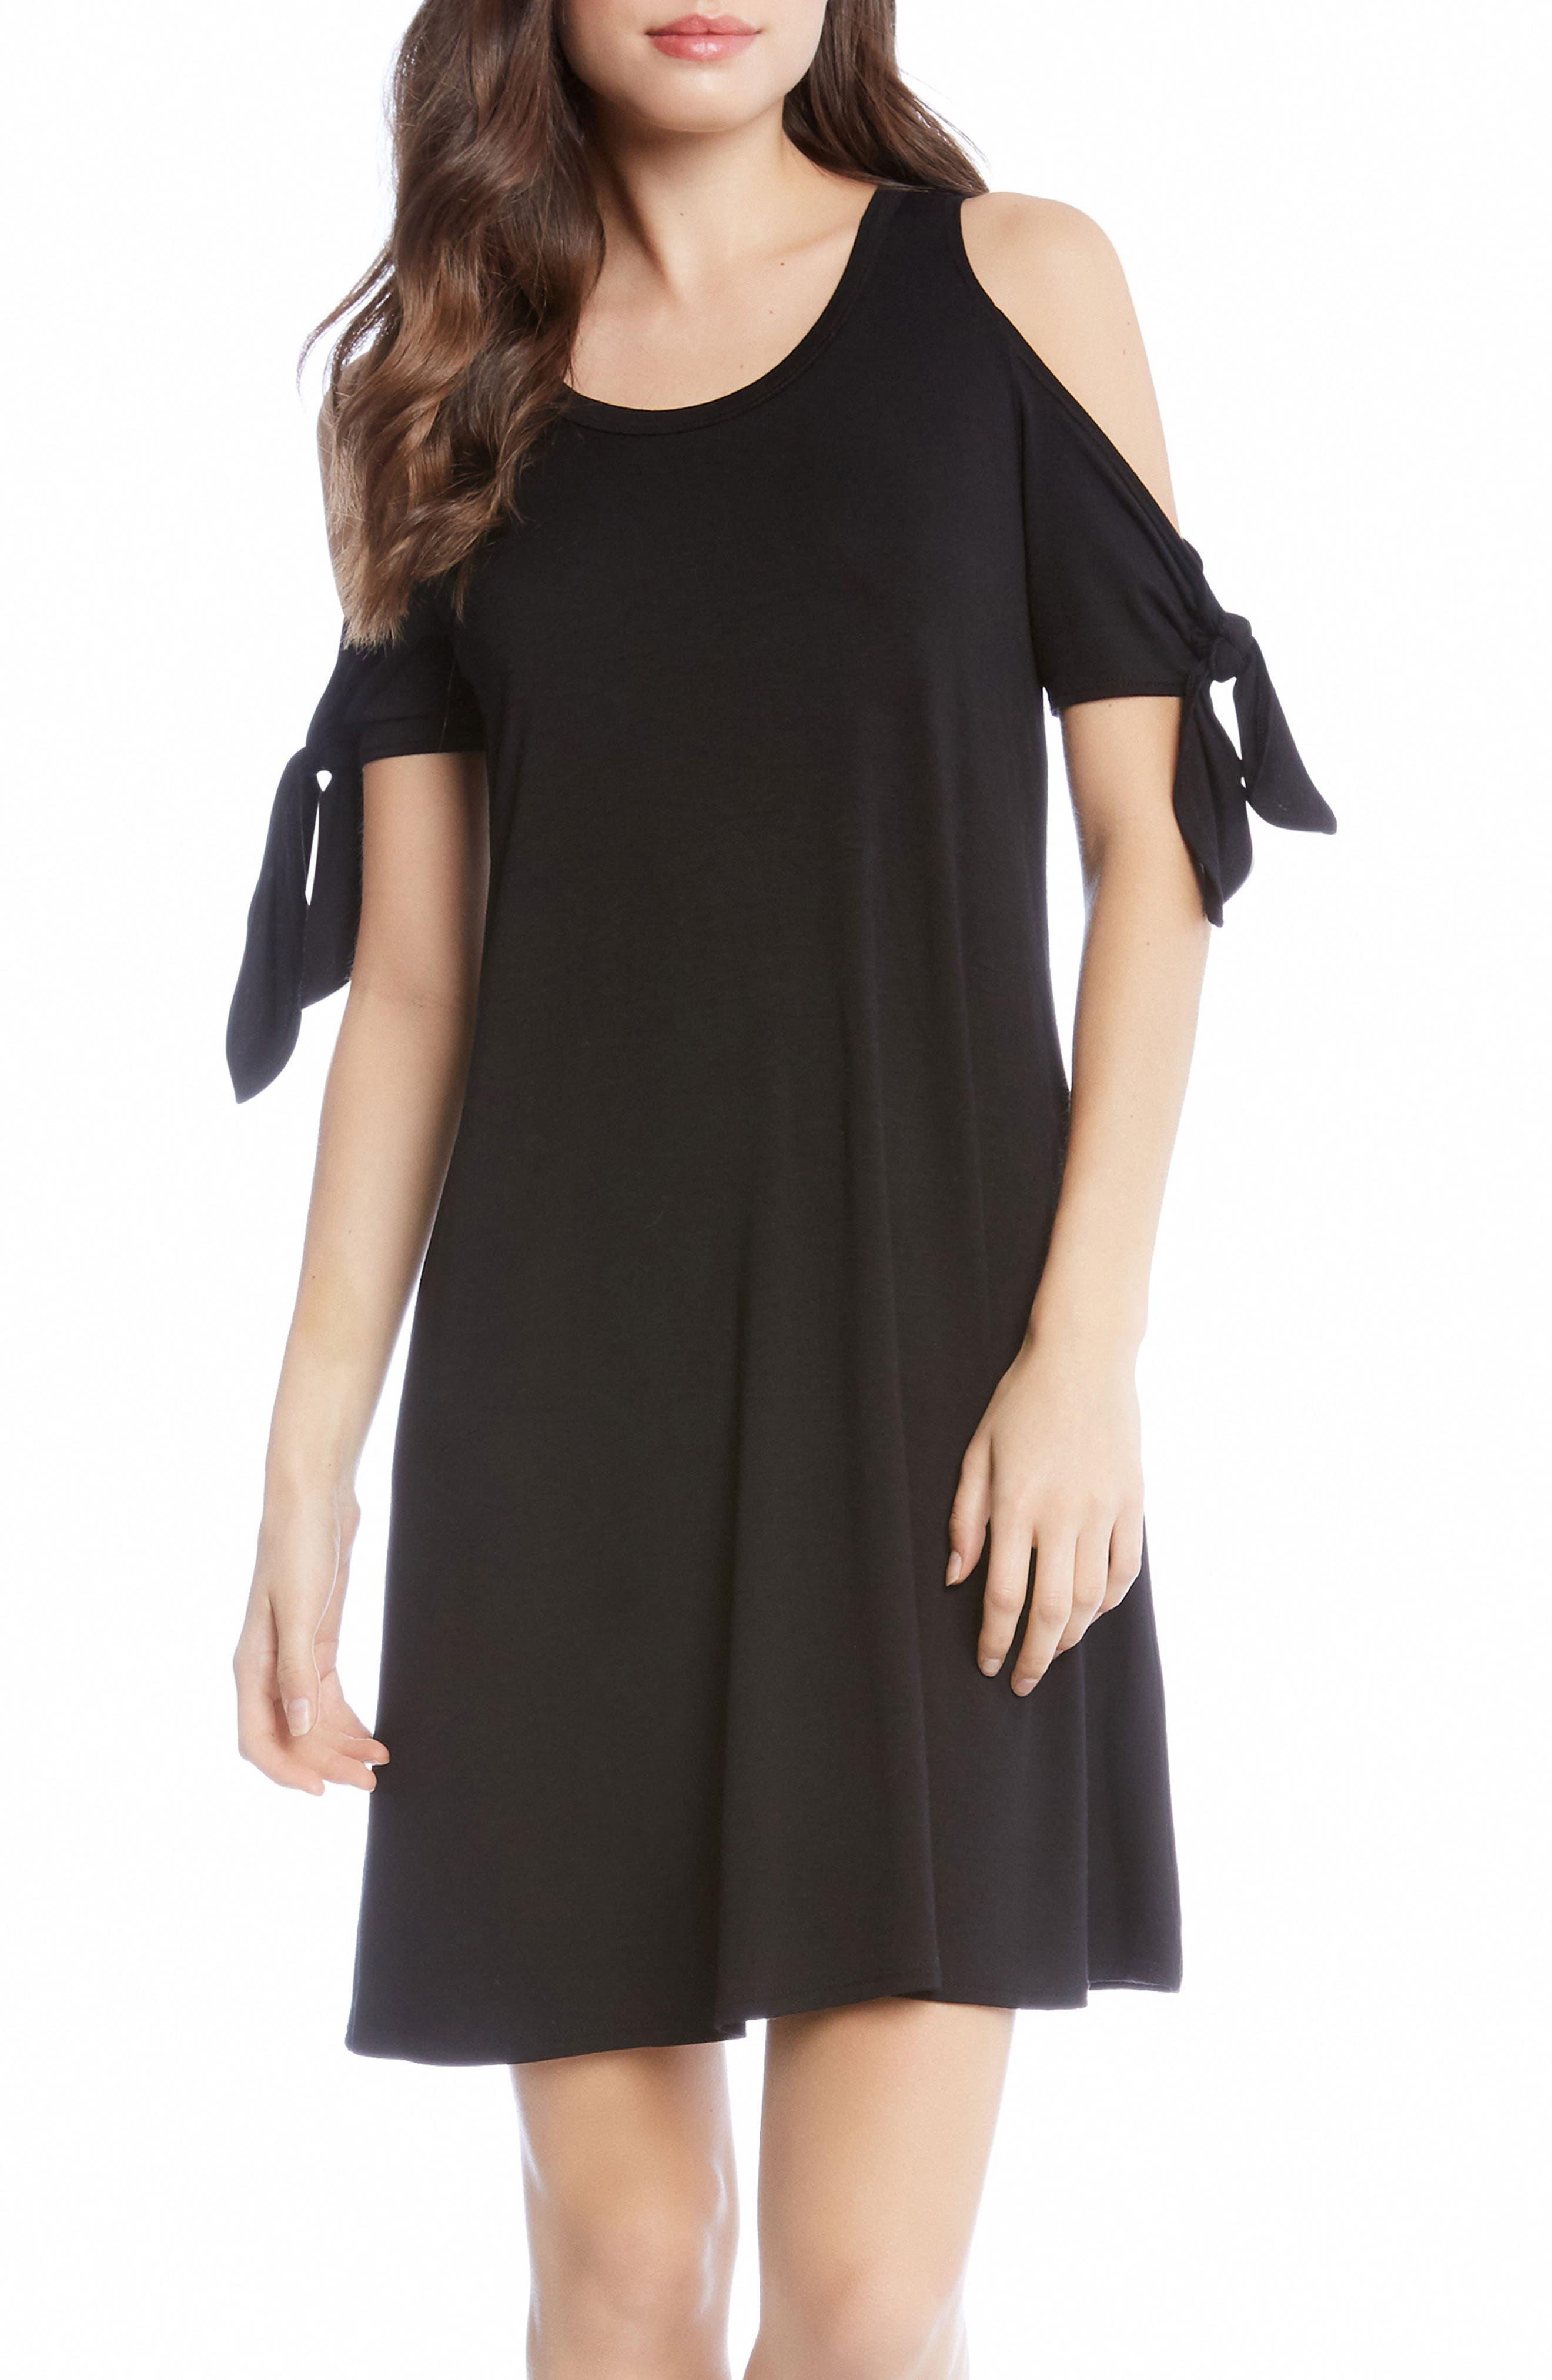 Alternate Image 1 Selected - Karen Kane Knotted Cold Shoulder A-Line Dress